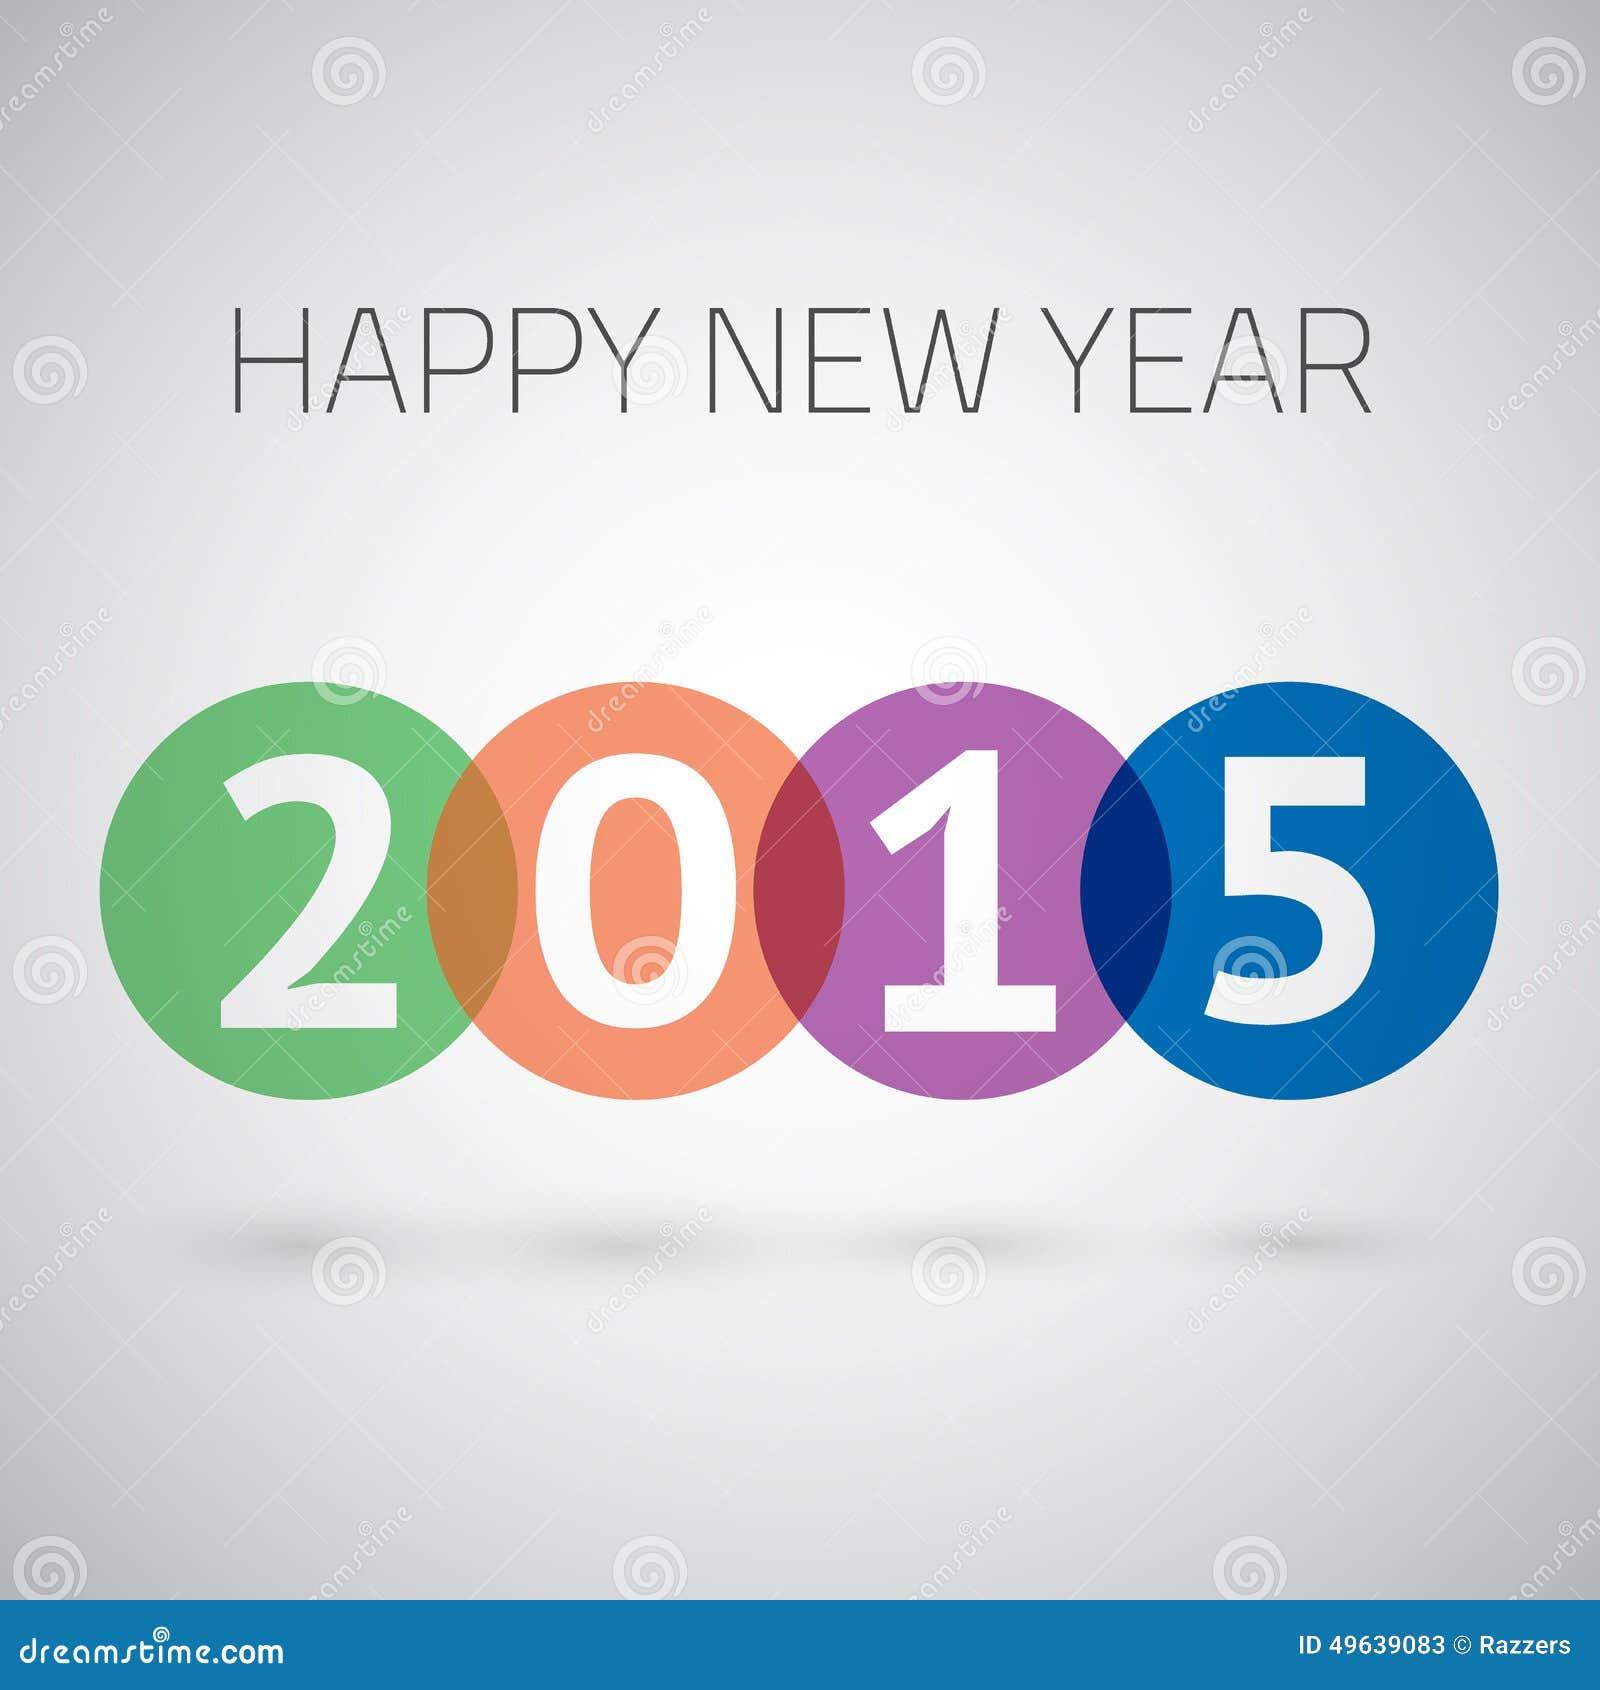 Gelukkig Nieuwjaar 2015 Kleurrijke Cirkelsvector